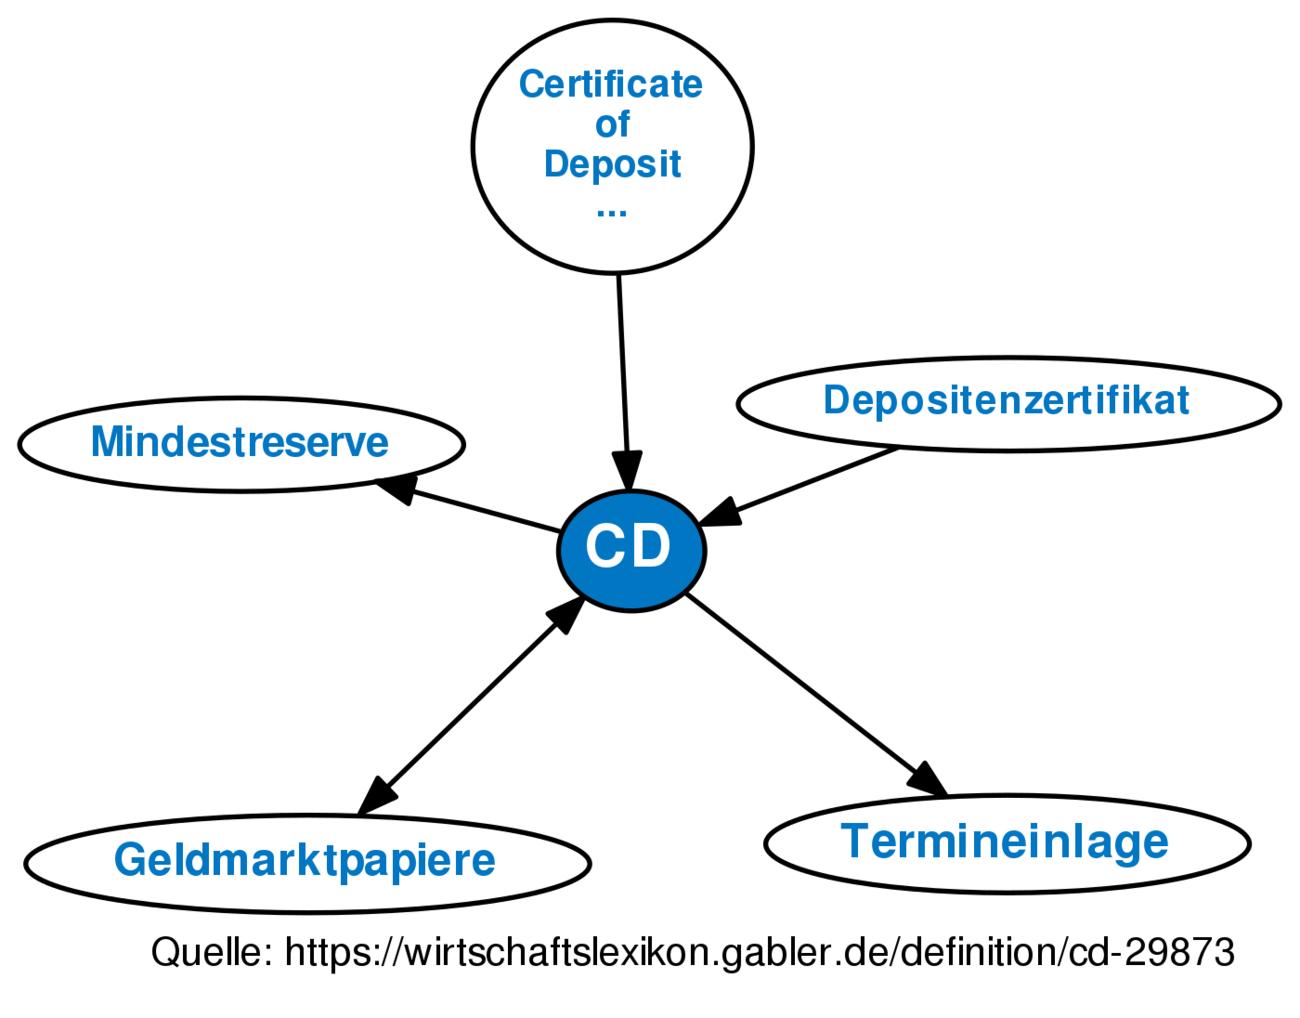 Cd Definition Gabler Wirtschaftslexikon